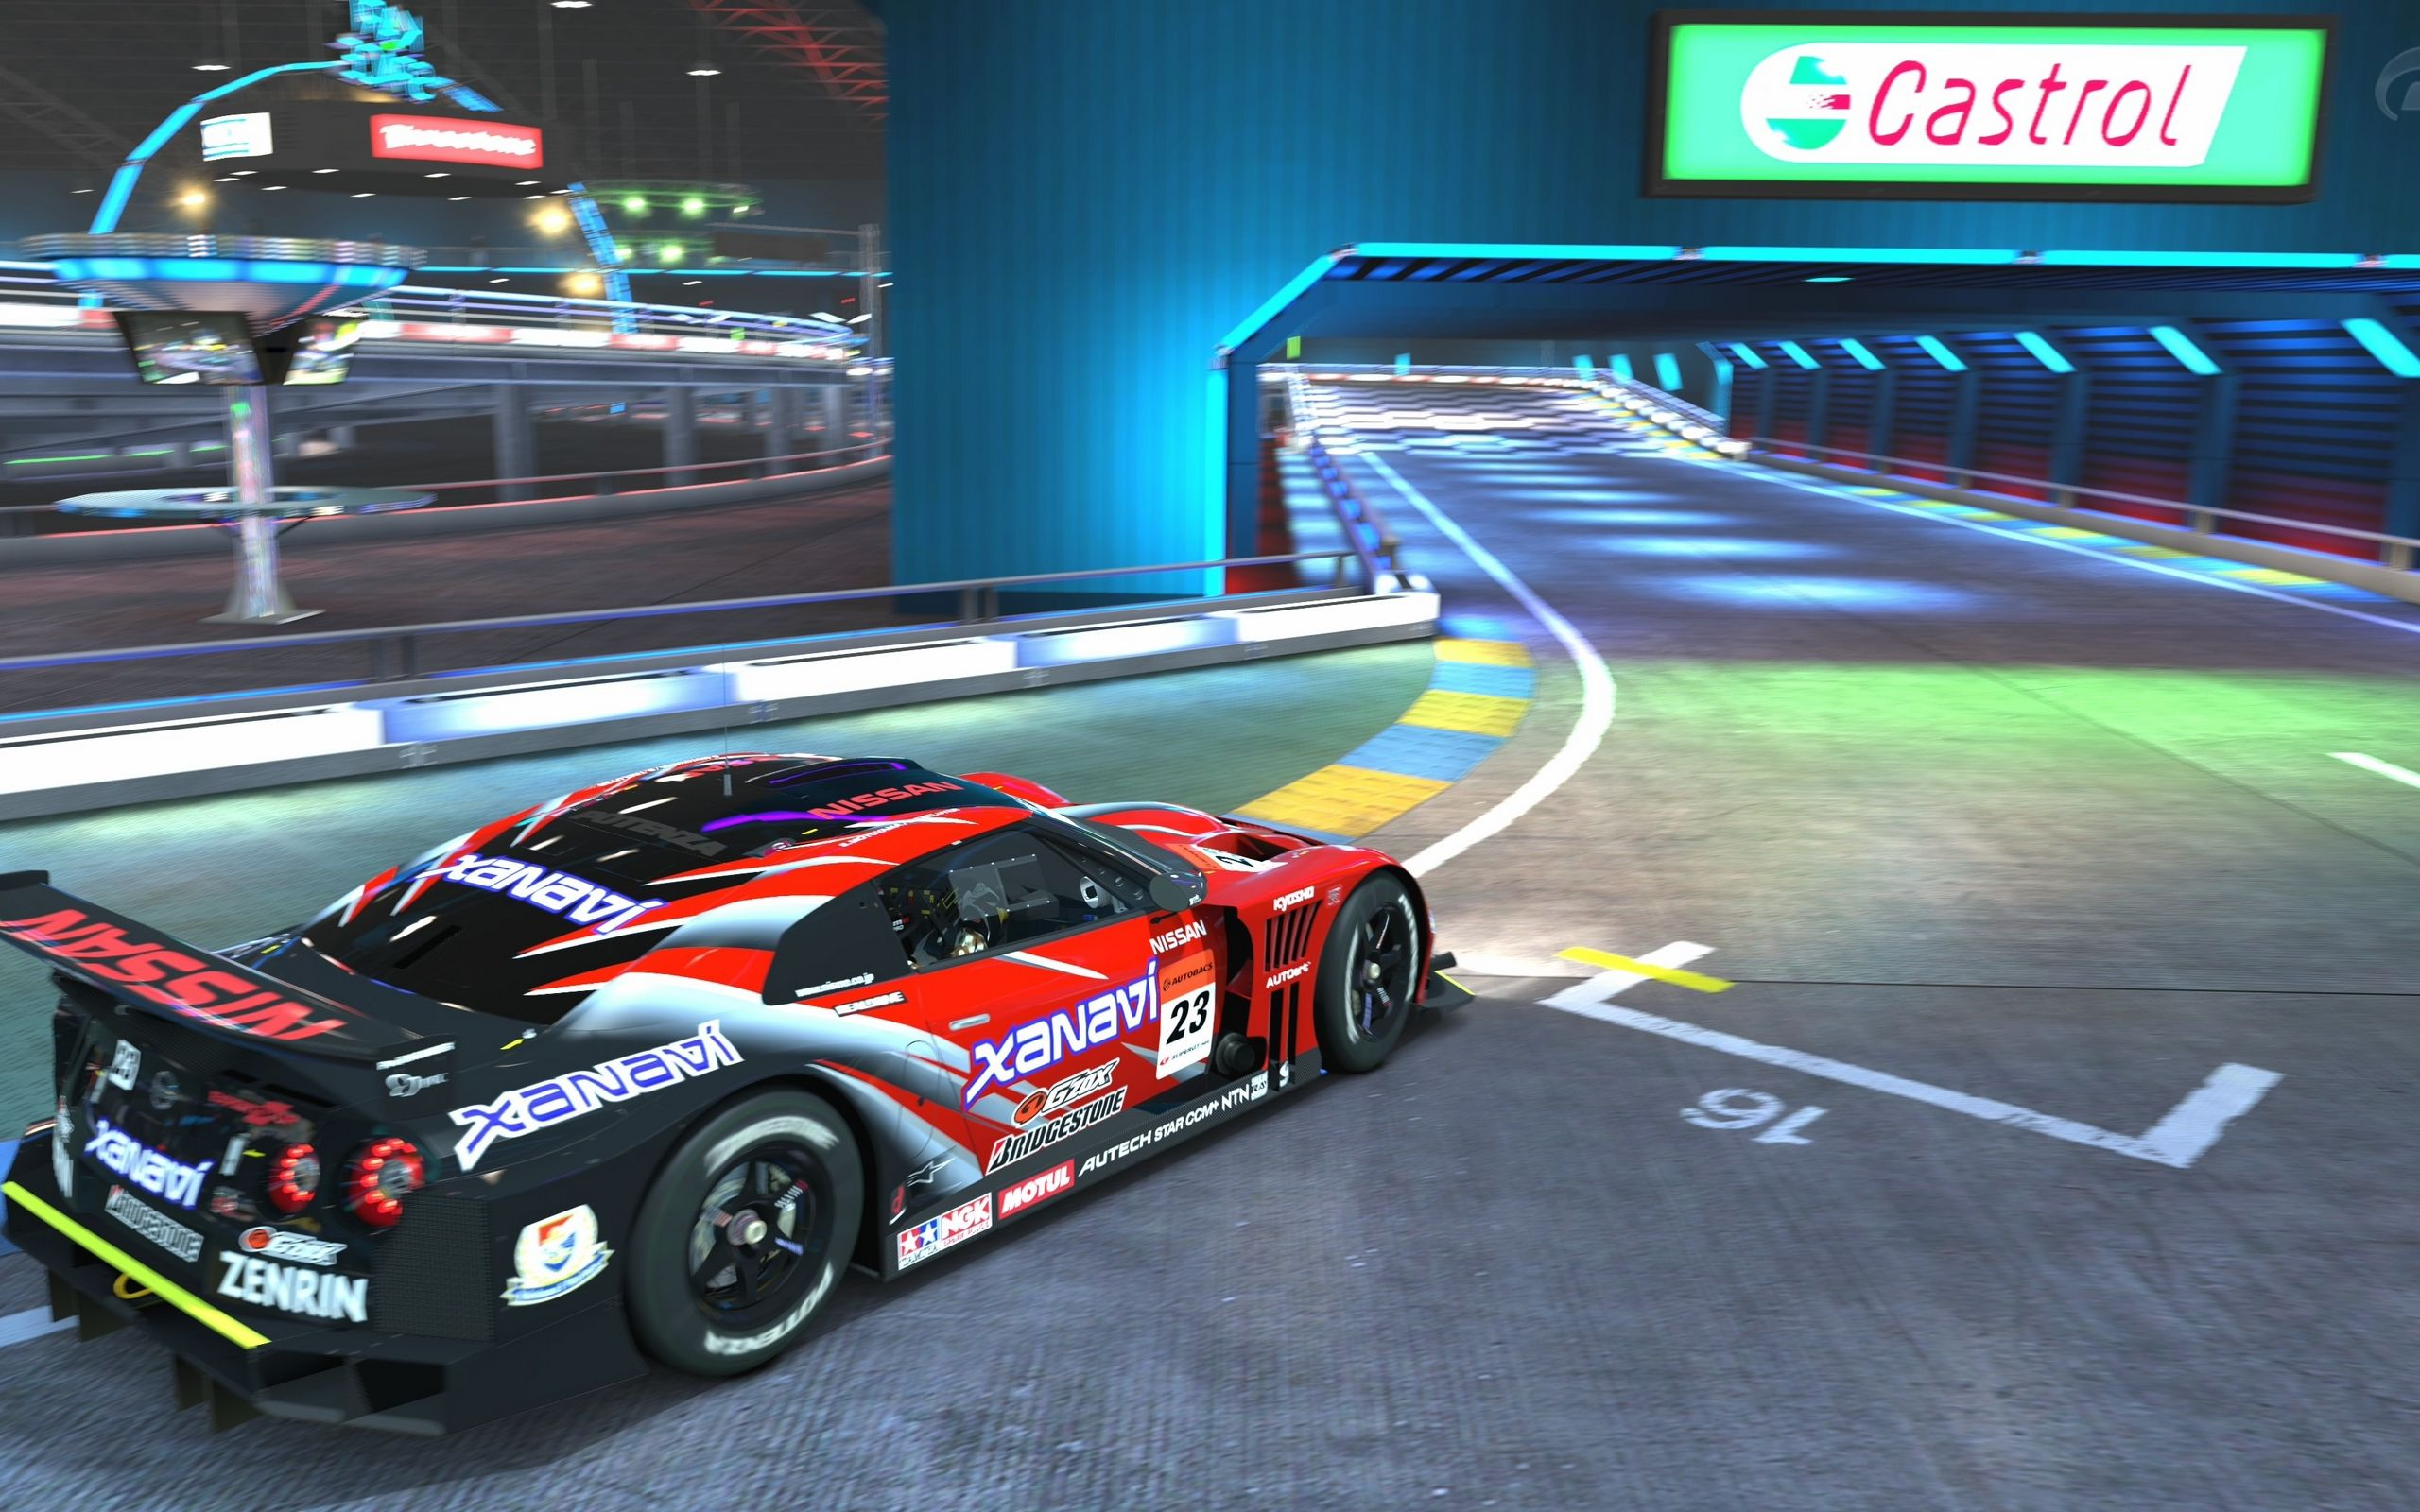 Fond d'écran hd : voiture 3D